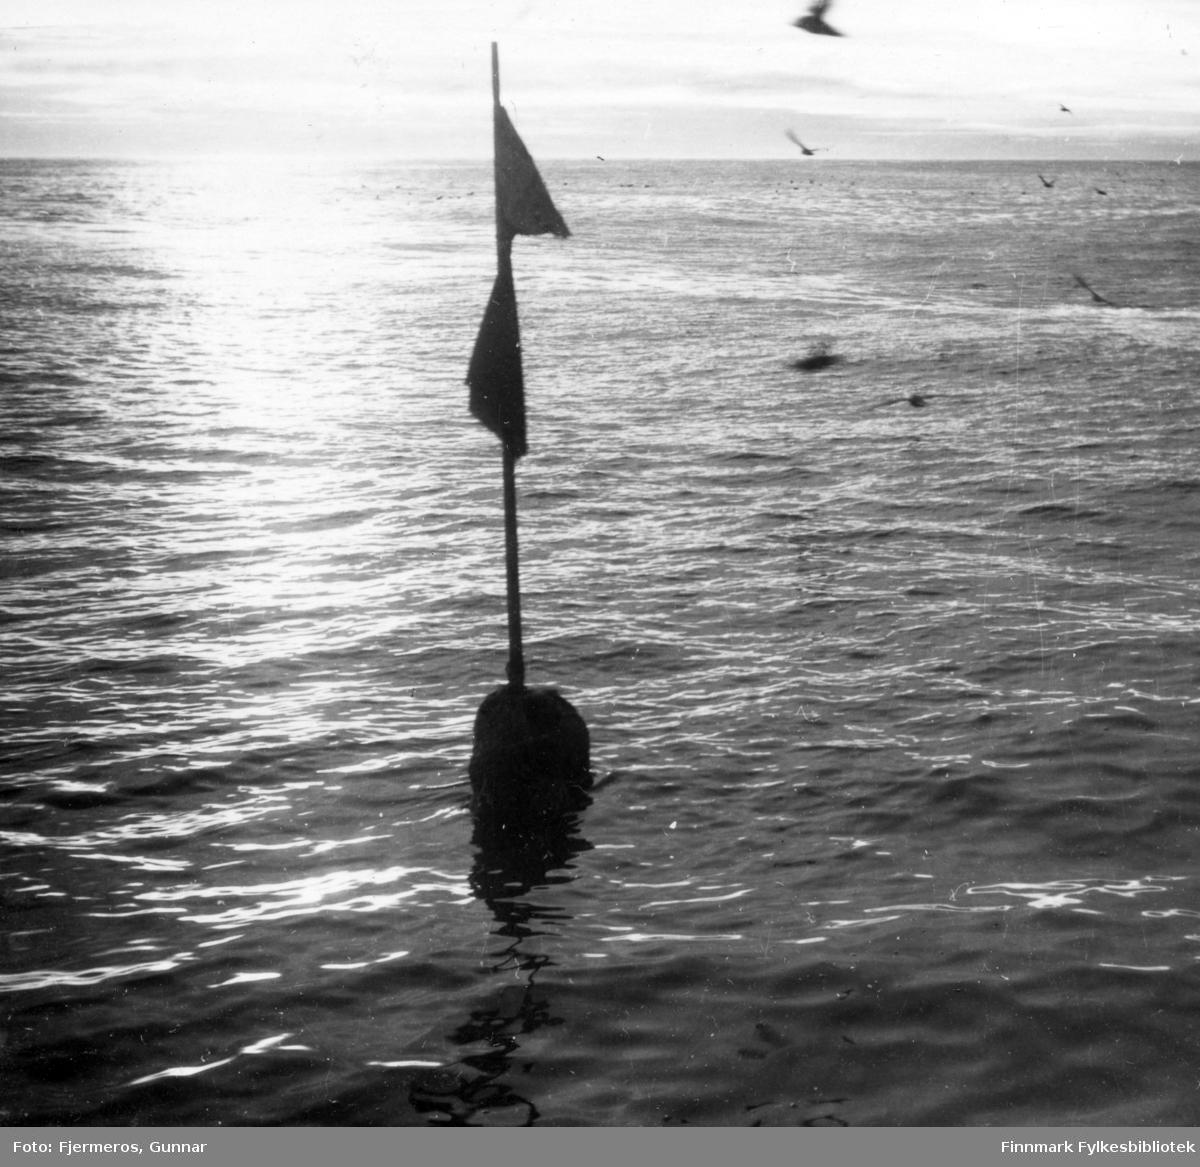 En garnbøye ligger i sjøen og bader i midnattsol. Stedet er ukjent, men bildet er tatt sommeren 1948.